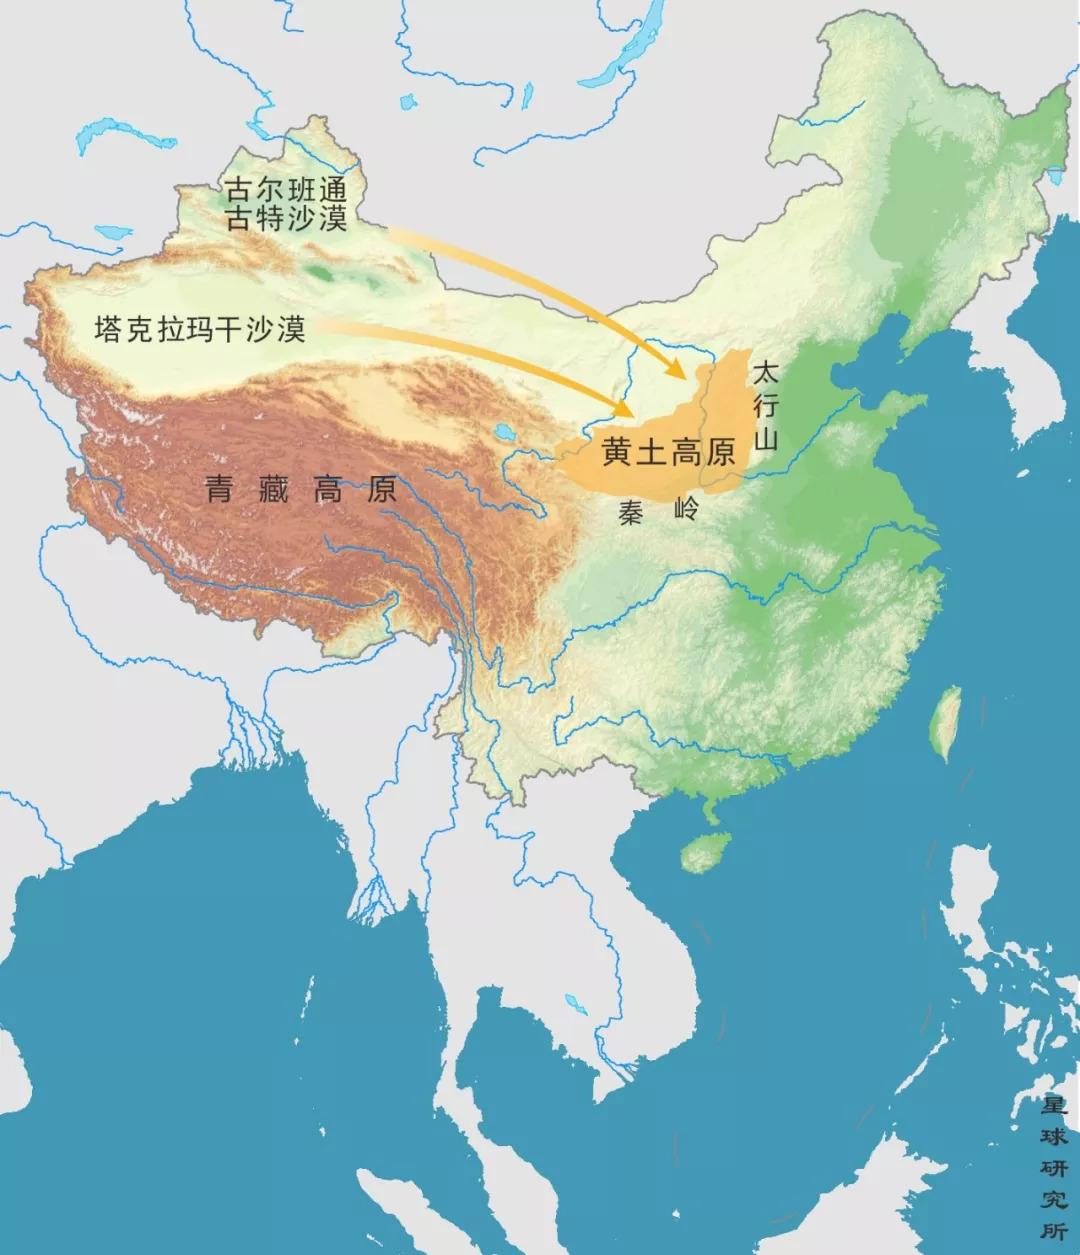 涨知识|中国从哪里来?为何万千山岭,大美山河?图片